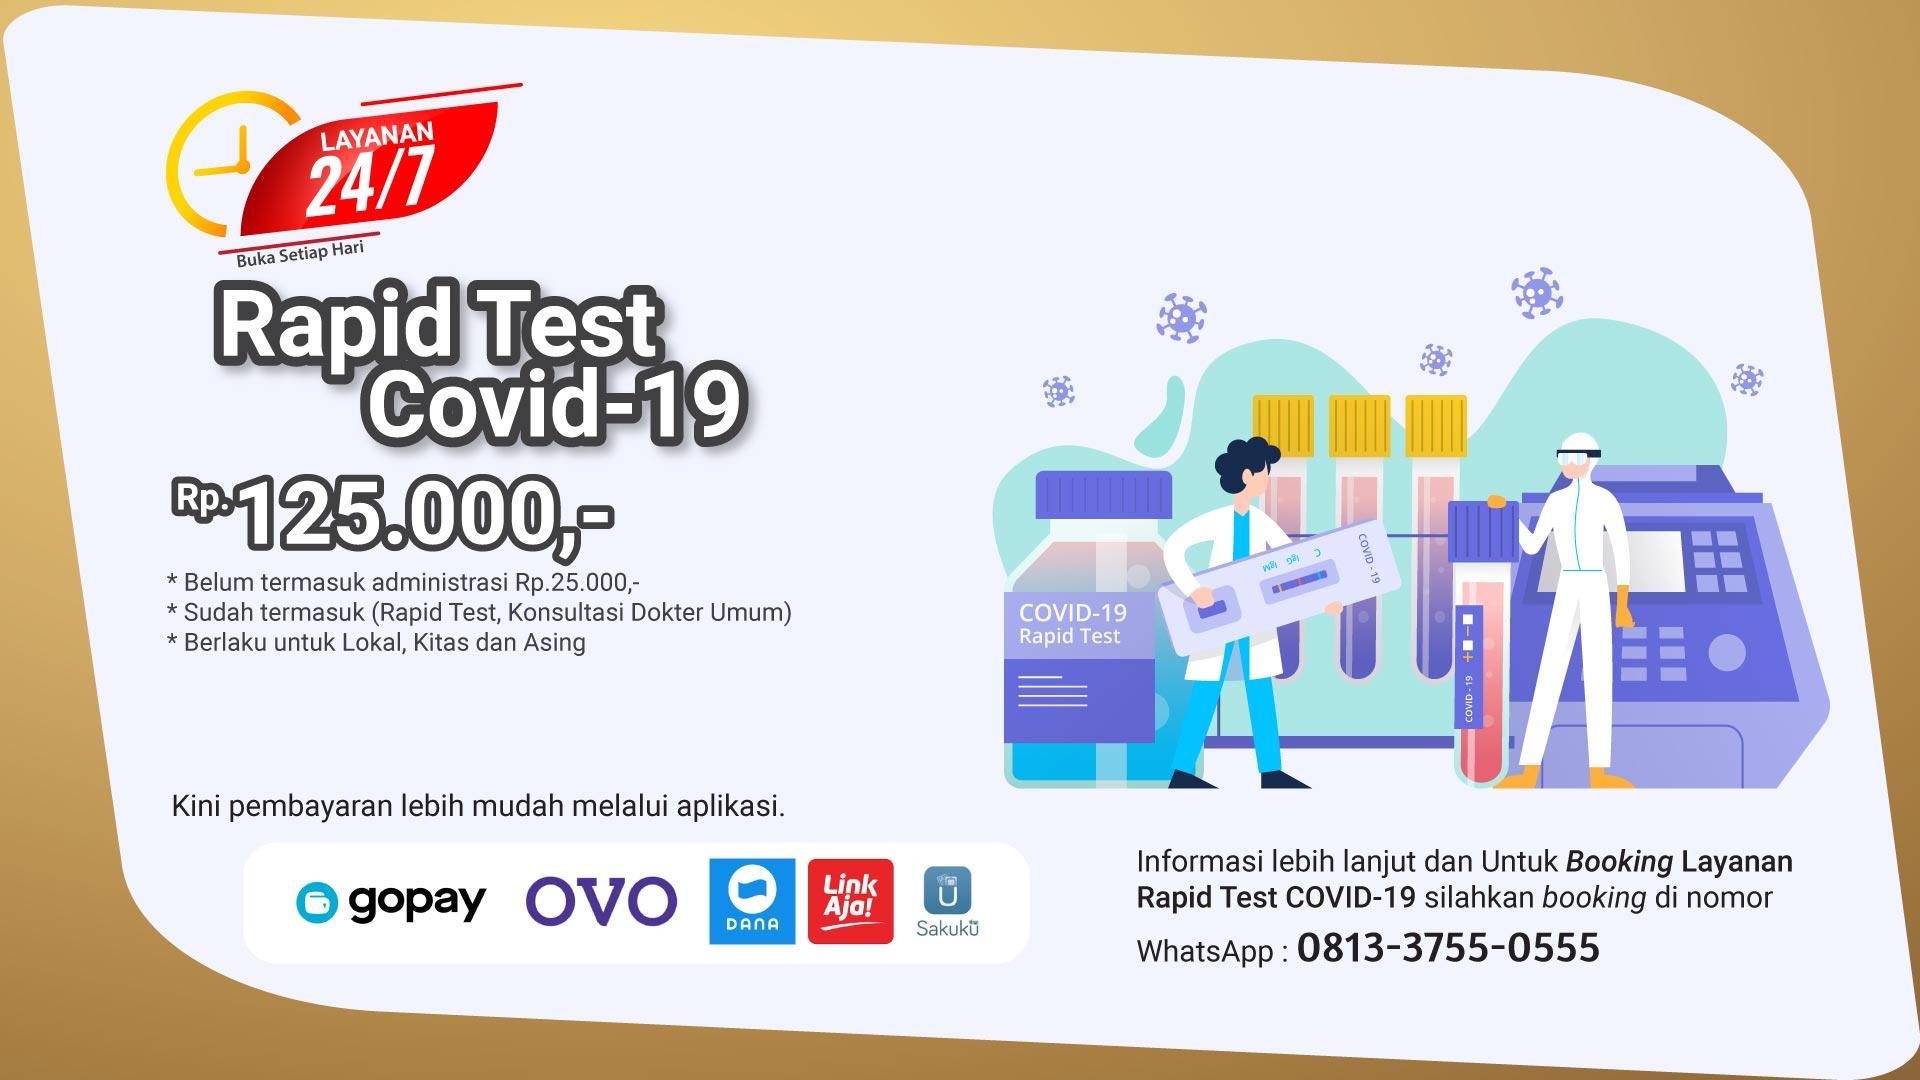 Promo-Rapid-Test-Termurah-di-Denpasar-Bali-Hanya-Rp125.000